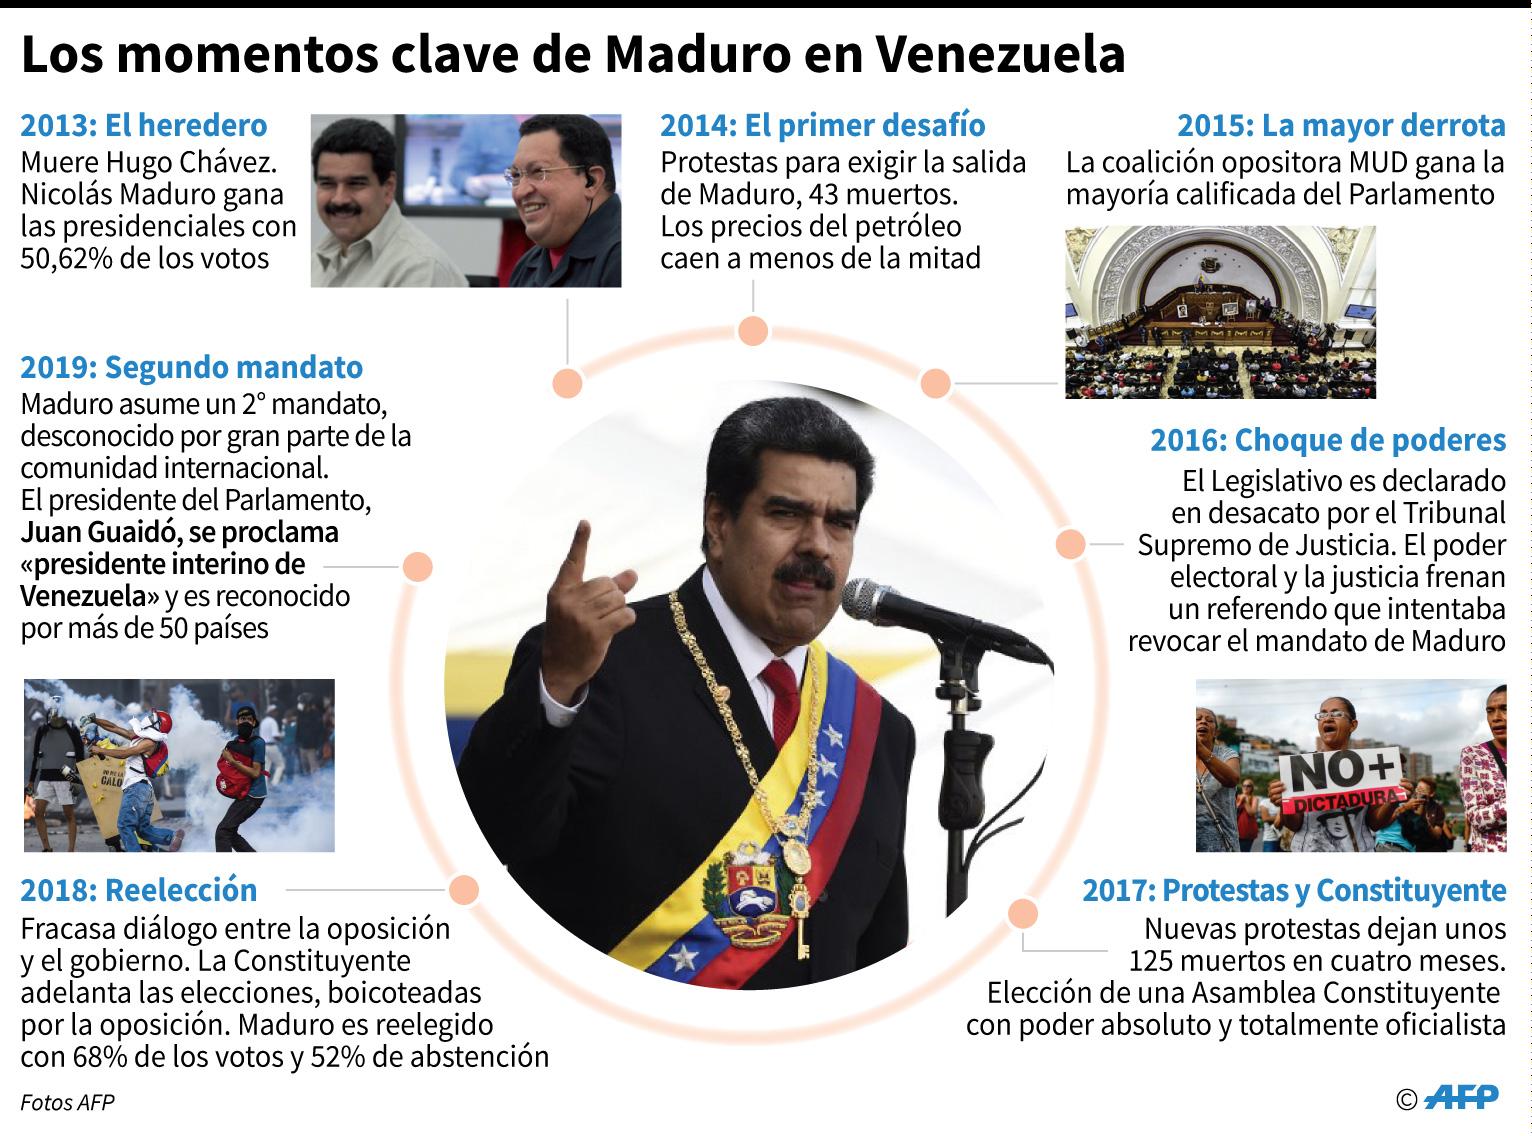 Los momentos claves del régimen de Nicolás Maduro en Venezuela. (Foto: AFP)